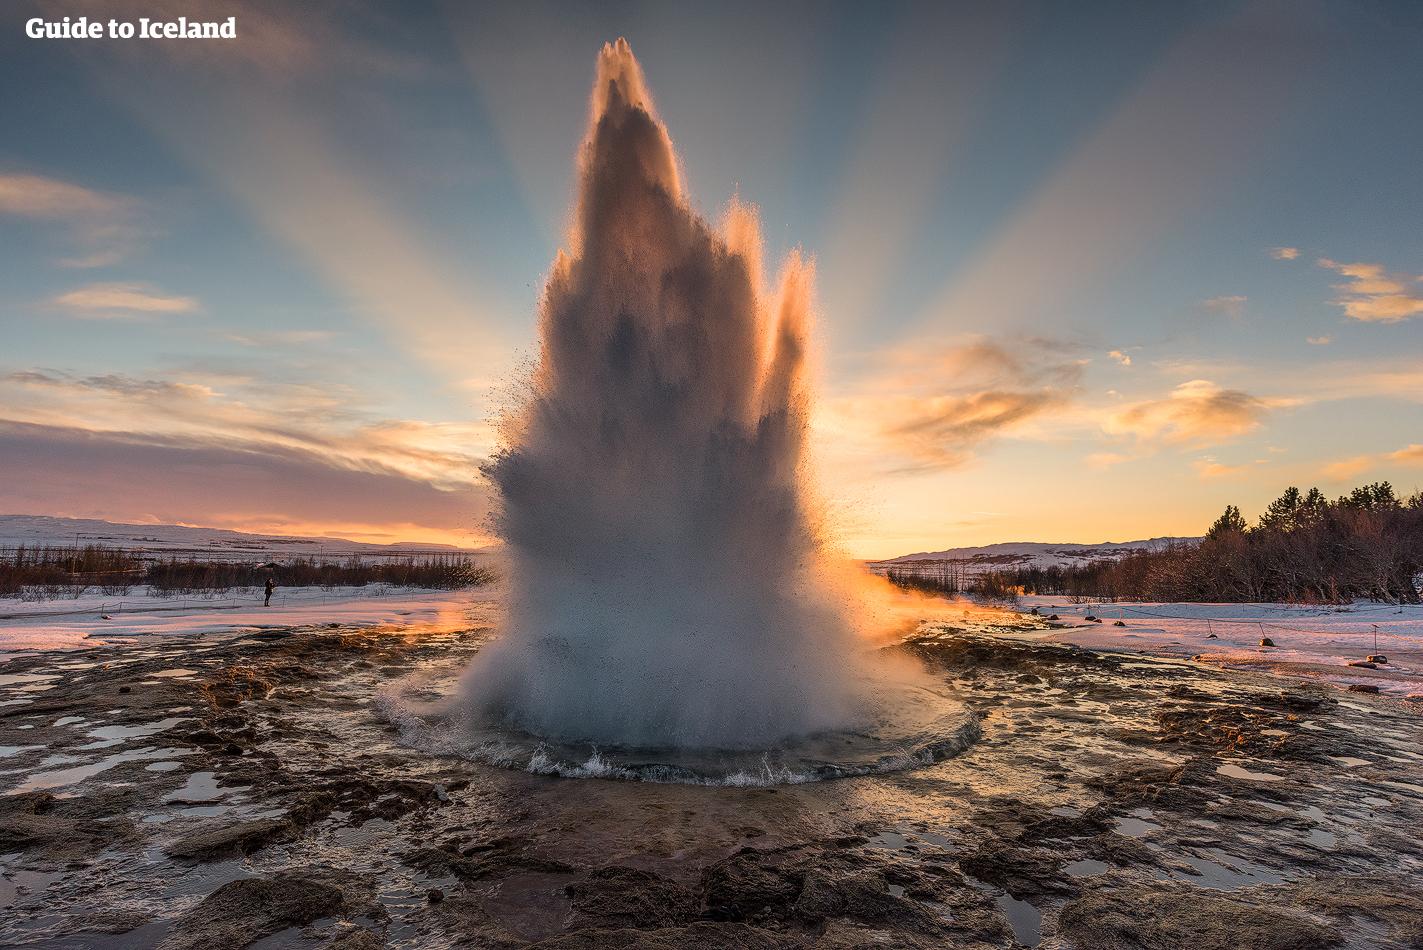 Le Strokkur est un geyser en activité situé dans le Cercle d'Or, non loin de son homologue désormais endormi, le Geysir.